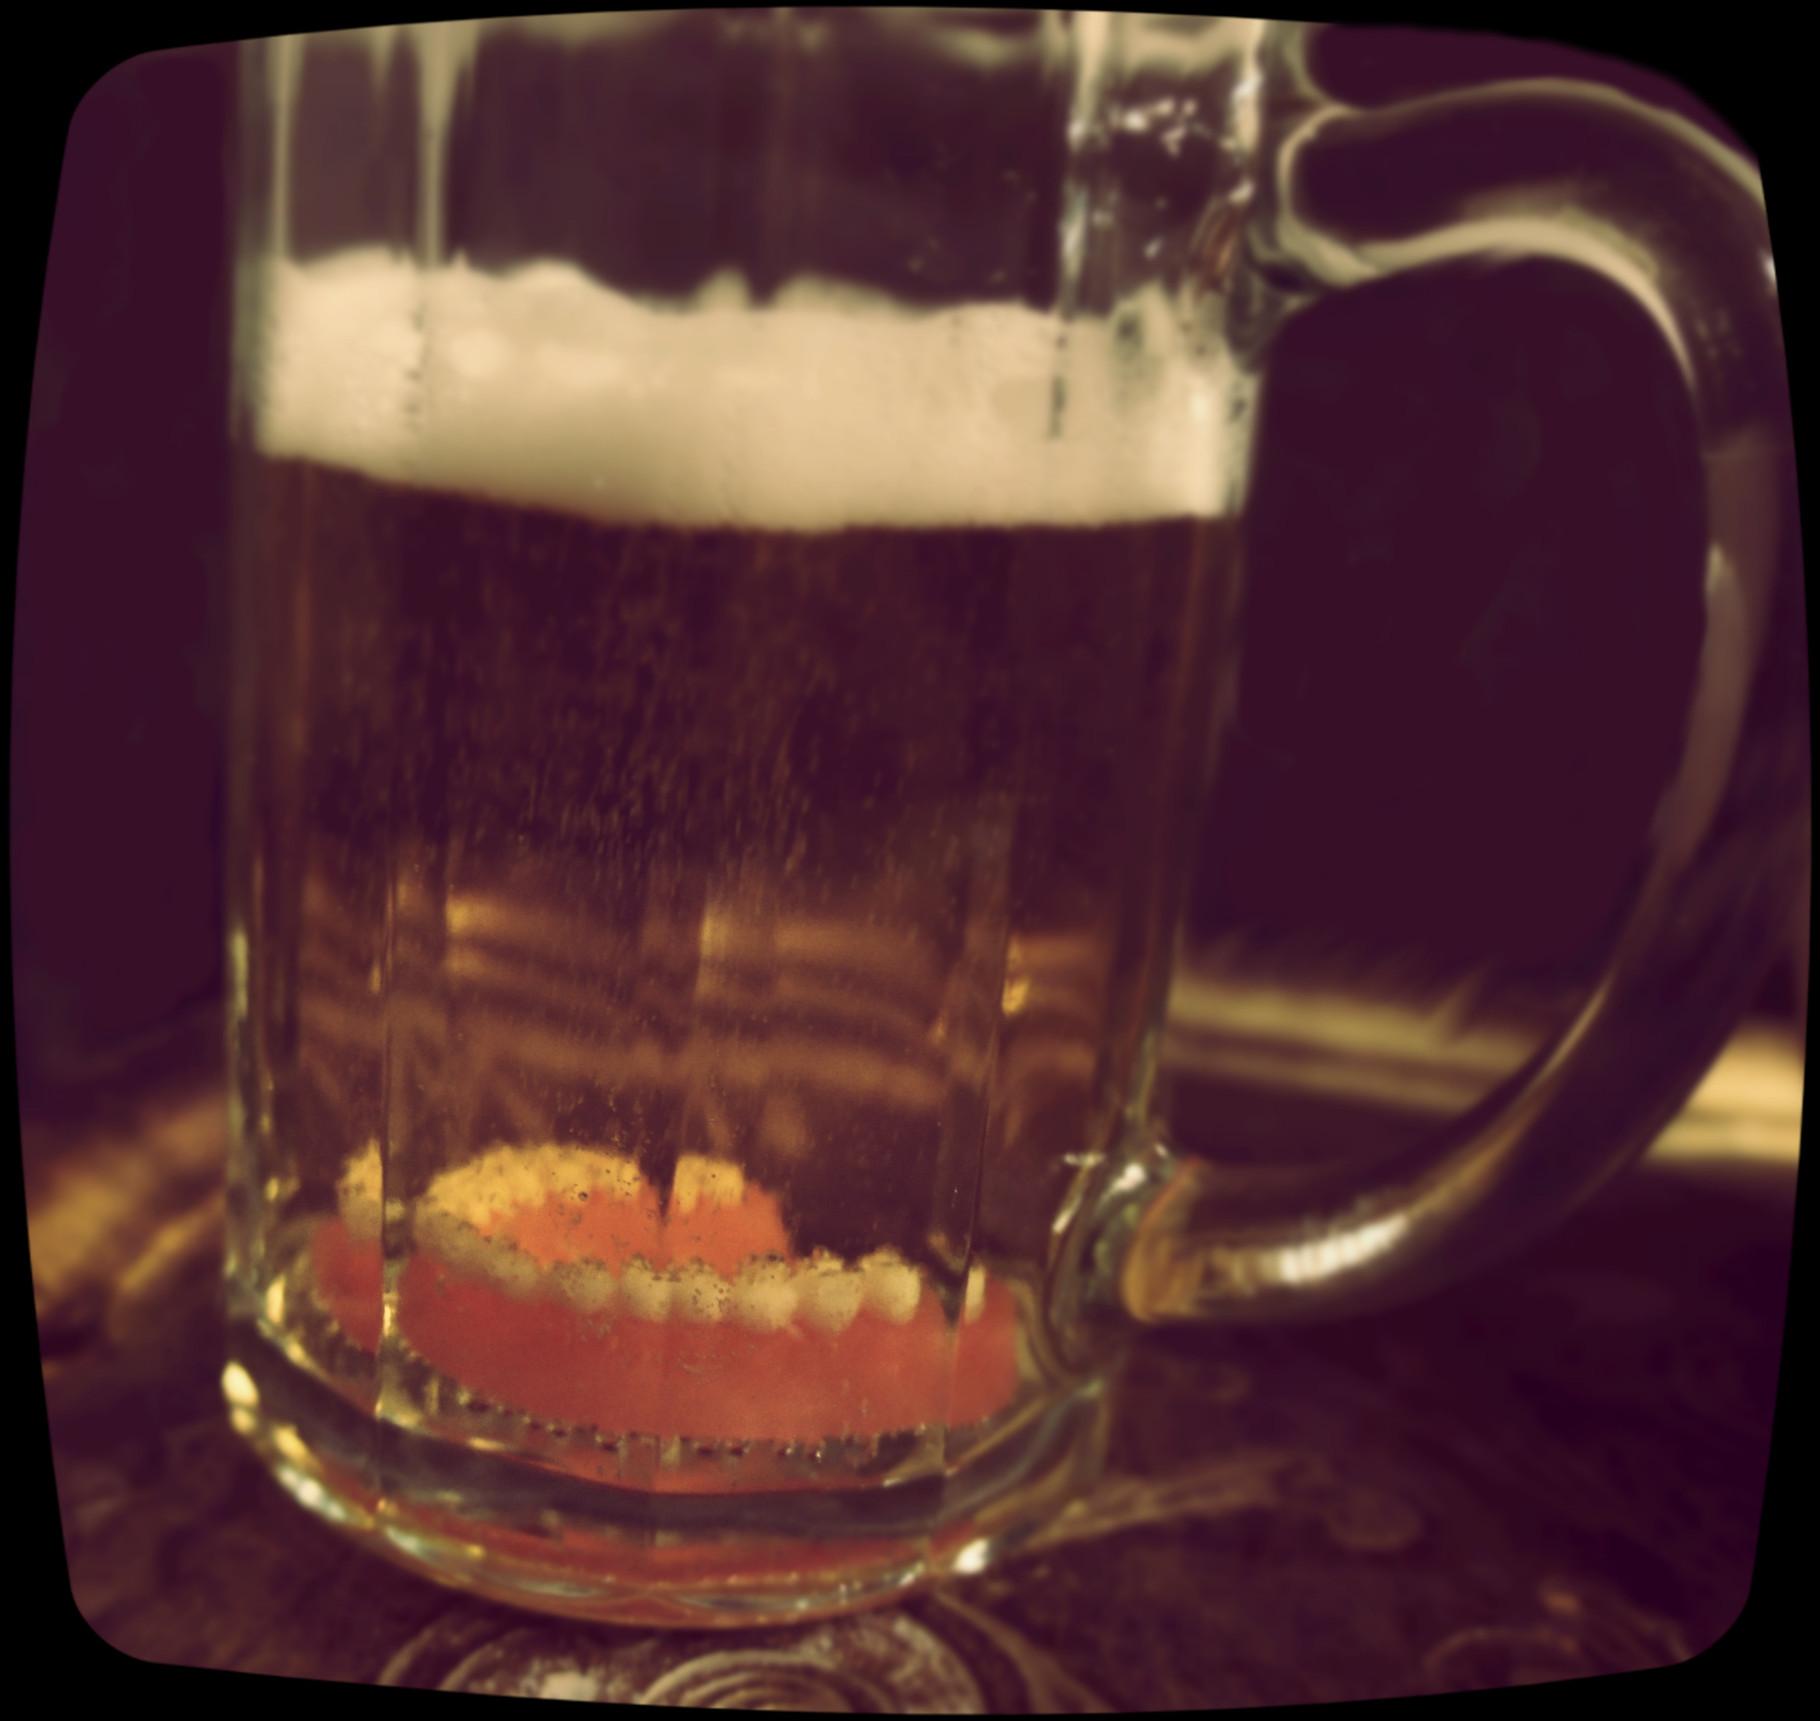 Bierfilzlrocker